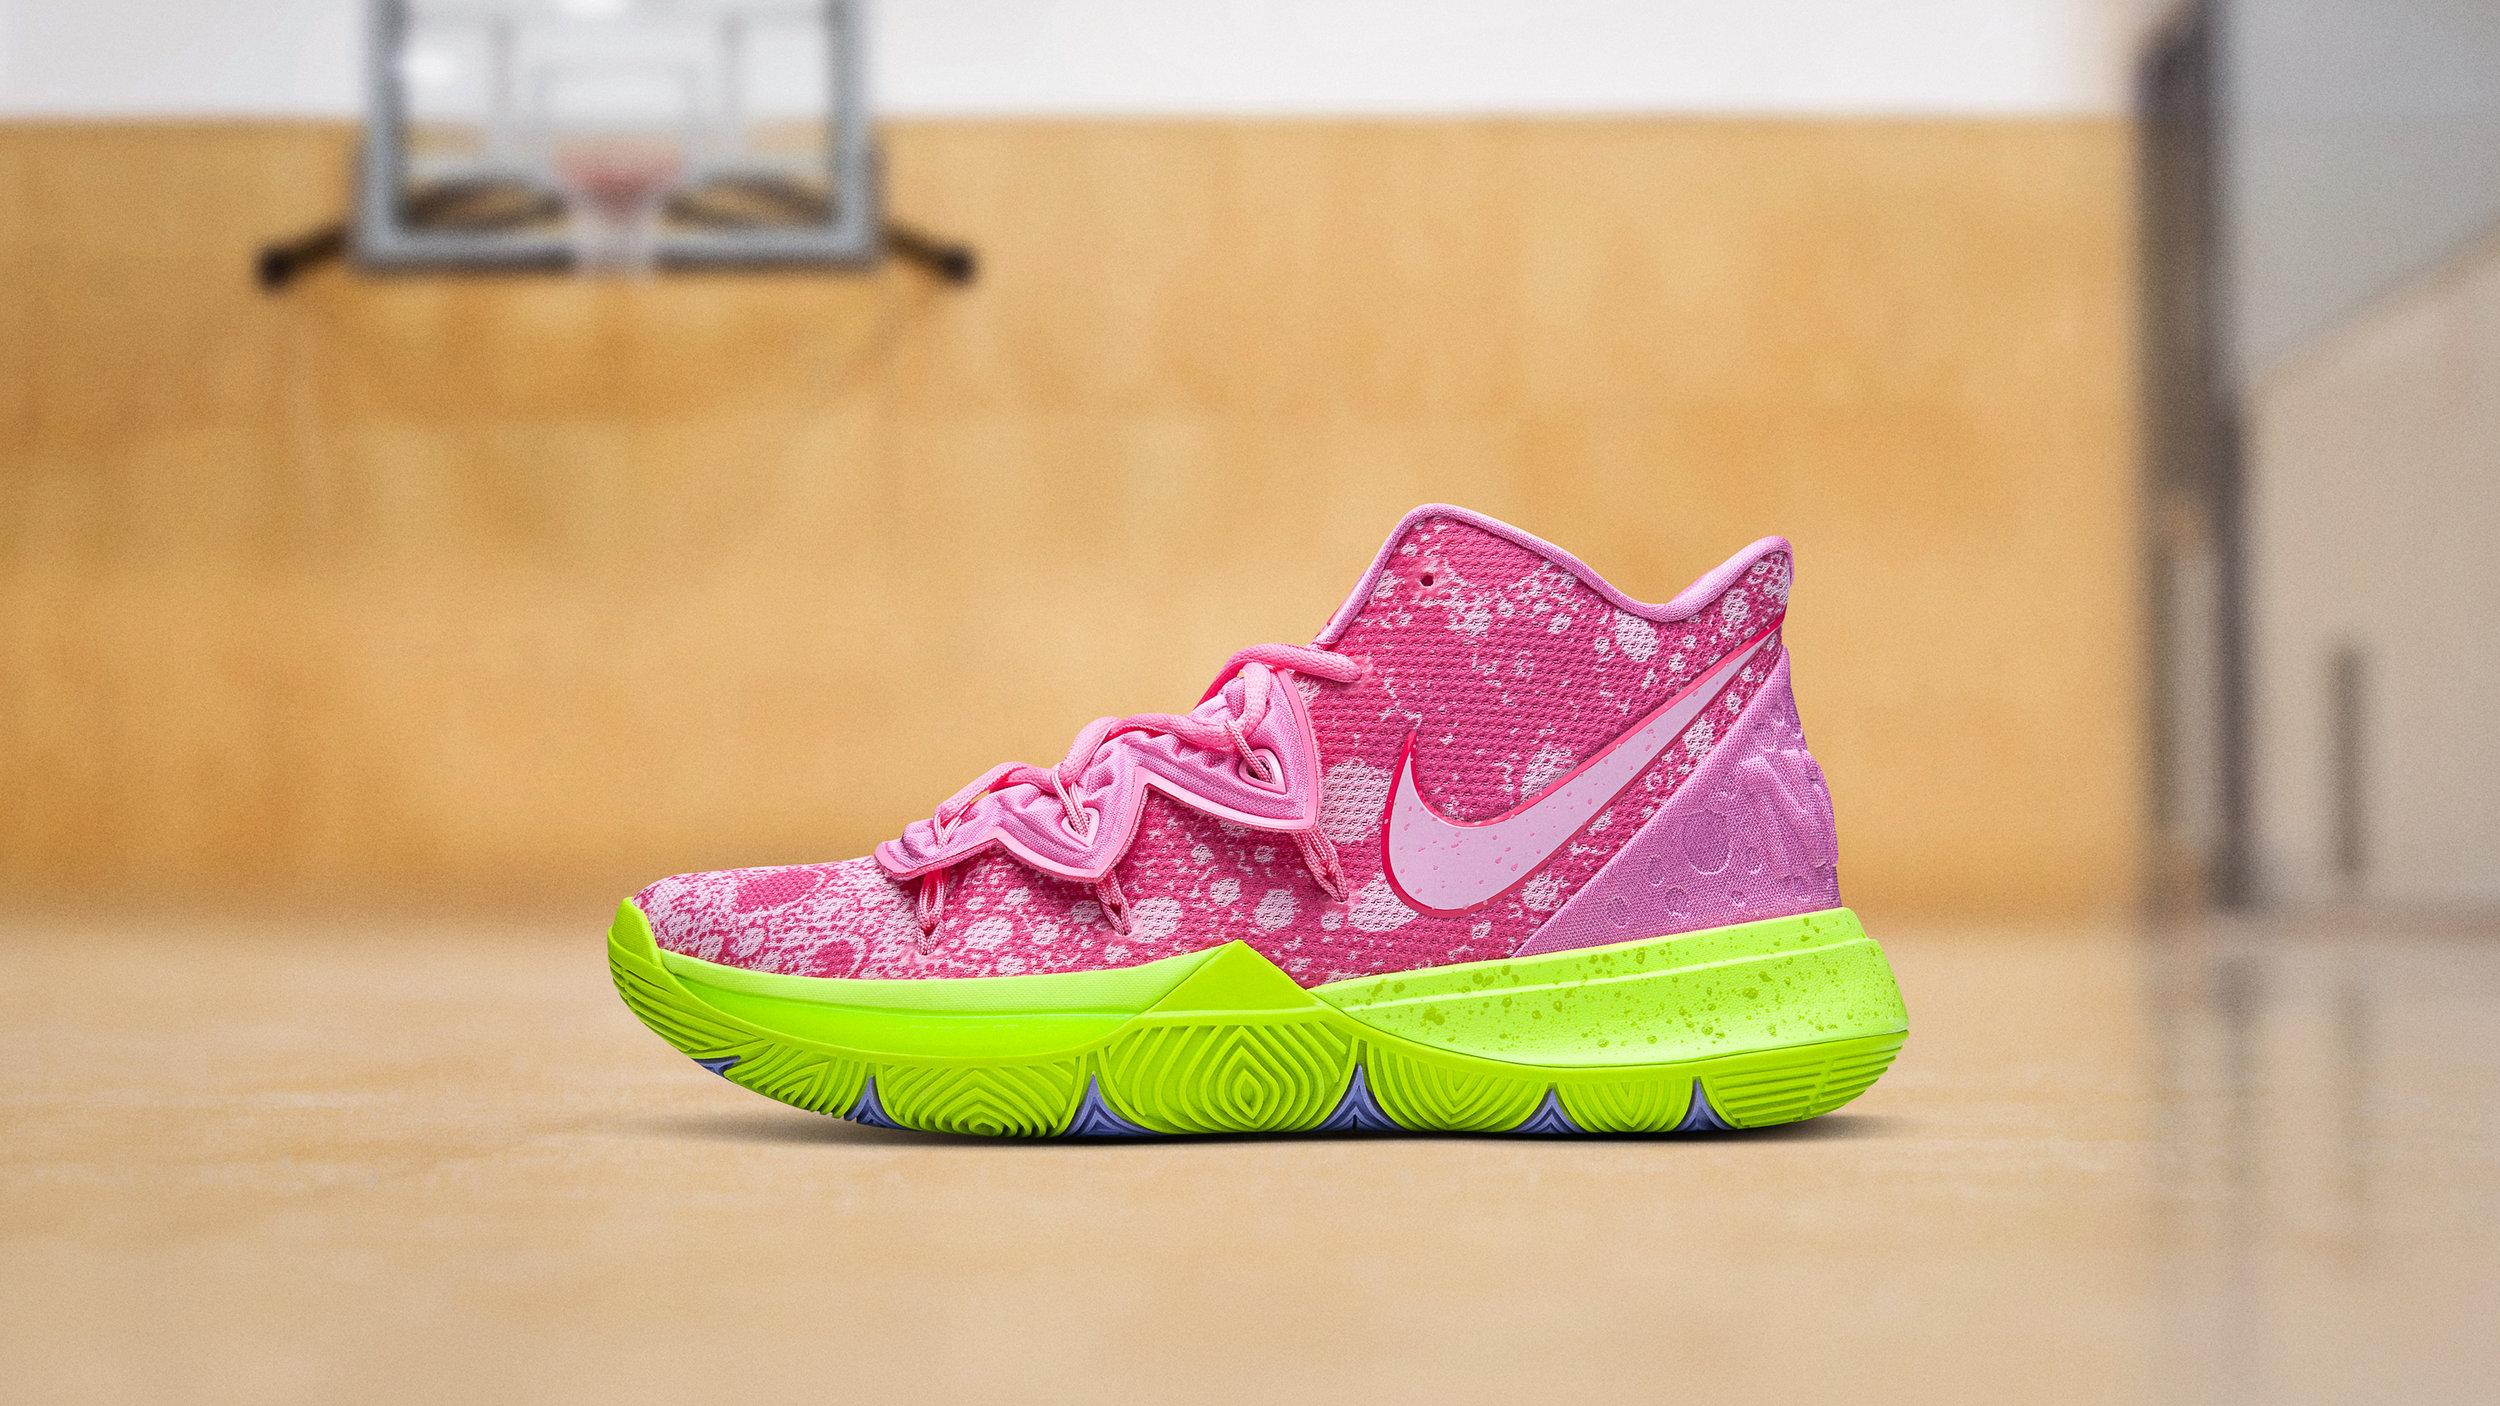 NikeNews_NikeBasketball_Kyrie_Spongebob_DSC_8073_1_89220.jpg